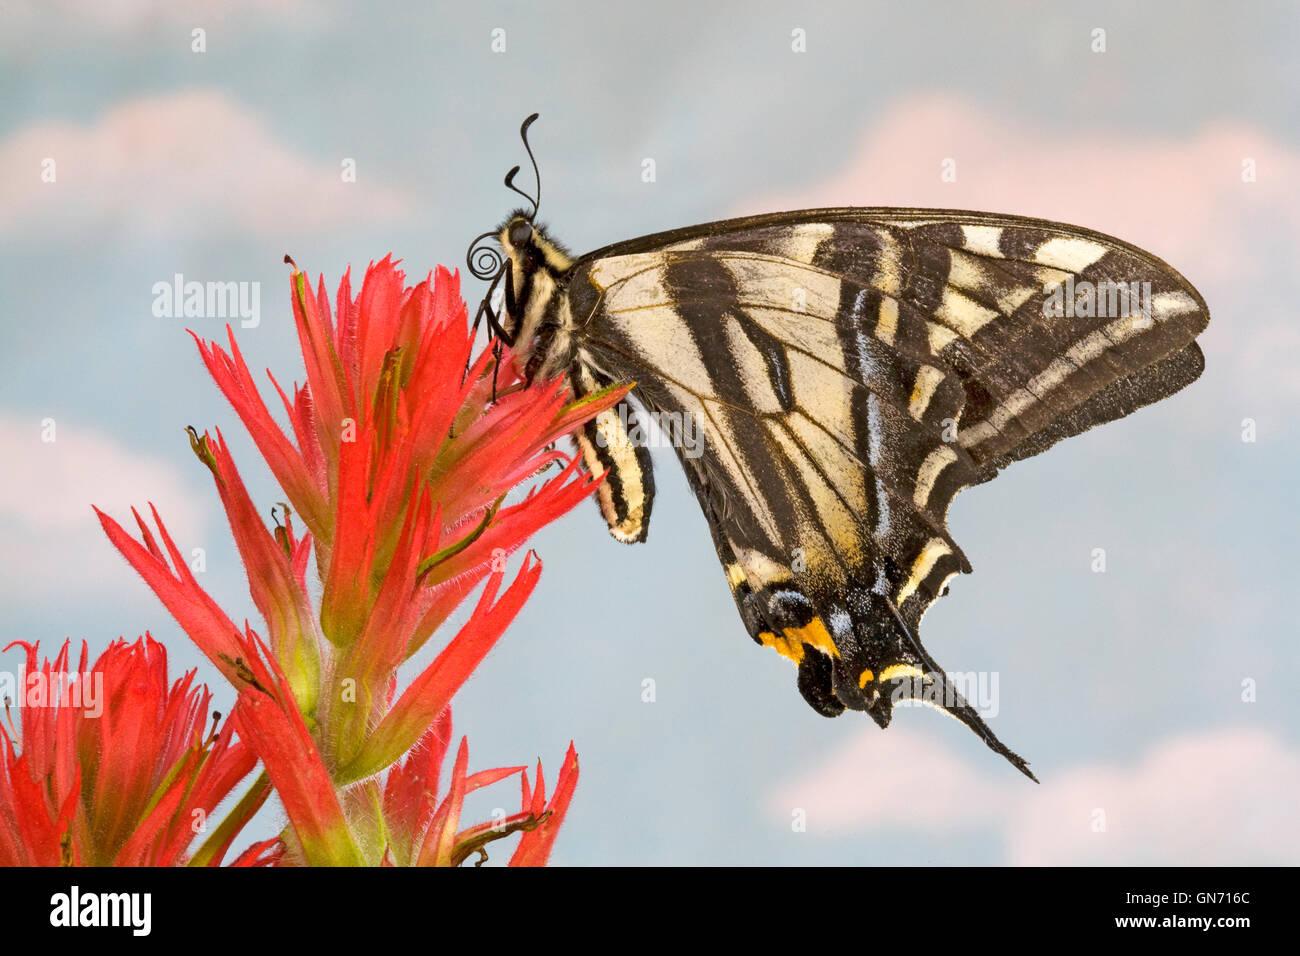 Ritratto di un Western tiger a coda di rondine, butterfly Papilio rutulus, poggiante su thbe fiore di un pennello Immagini Stock